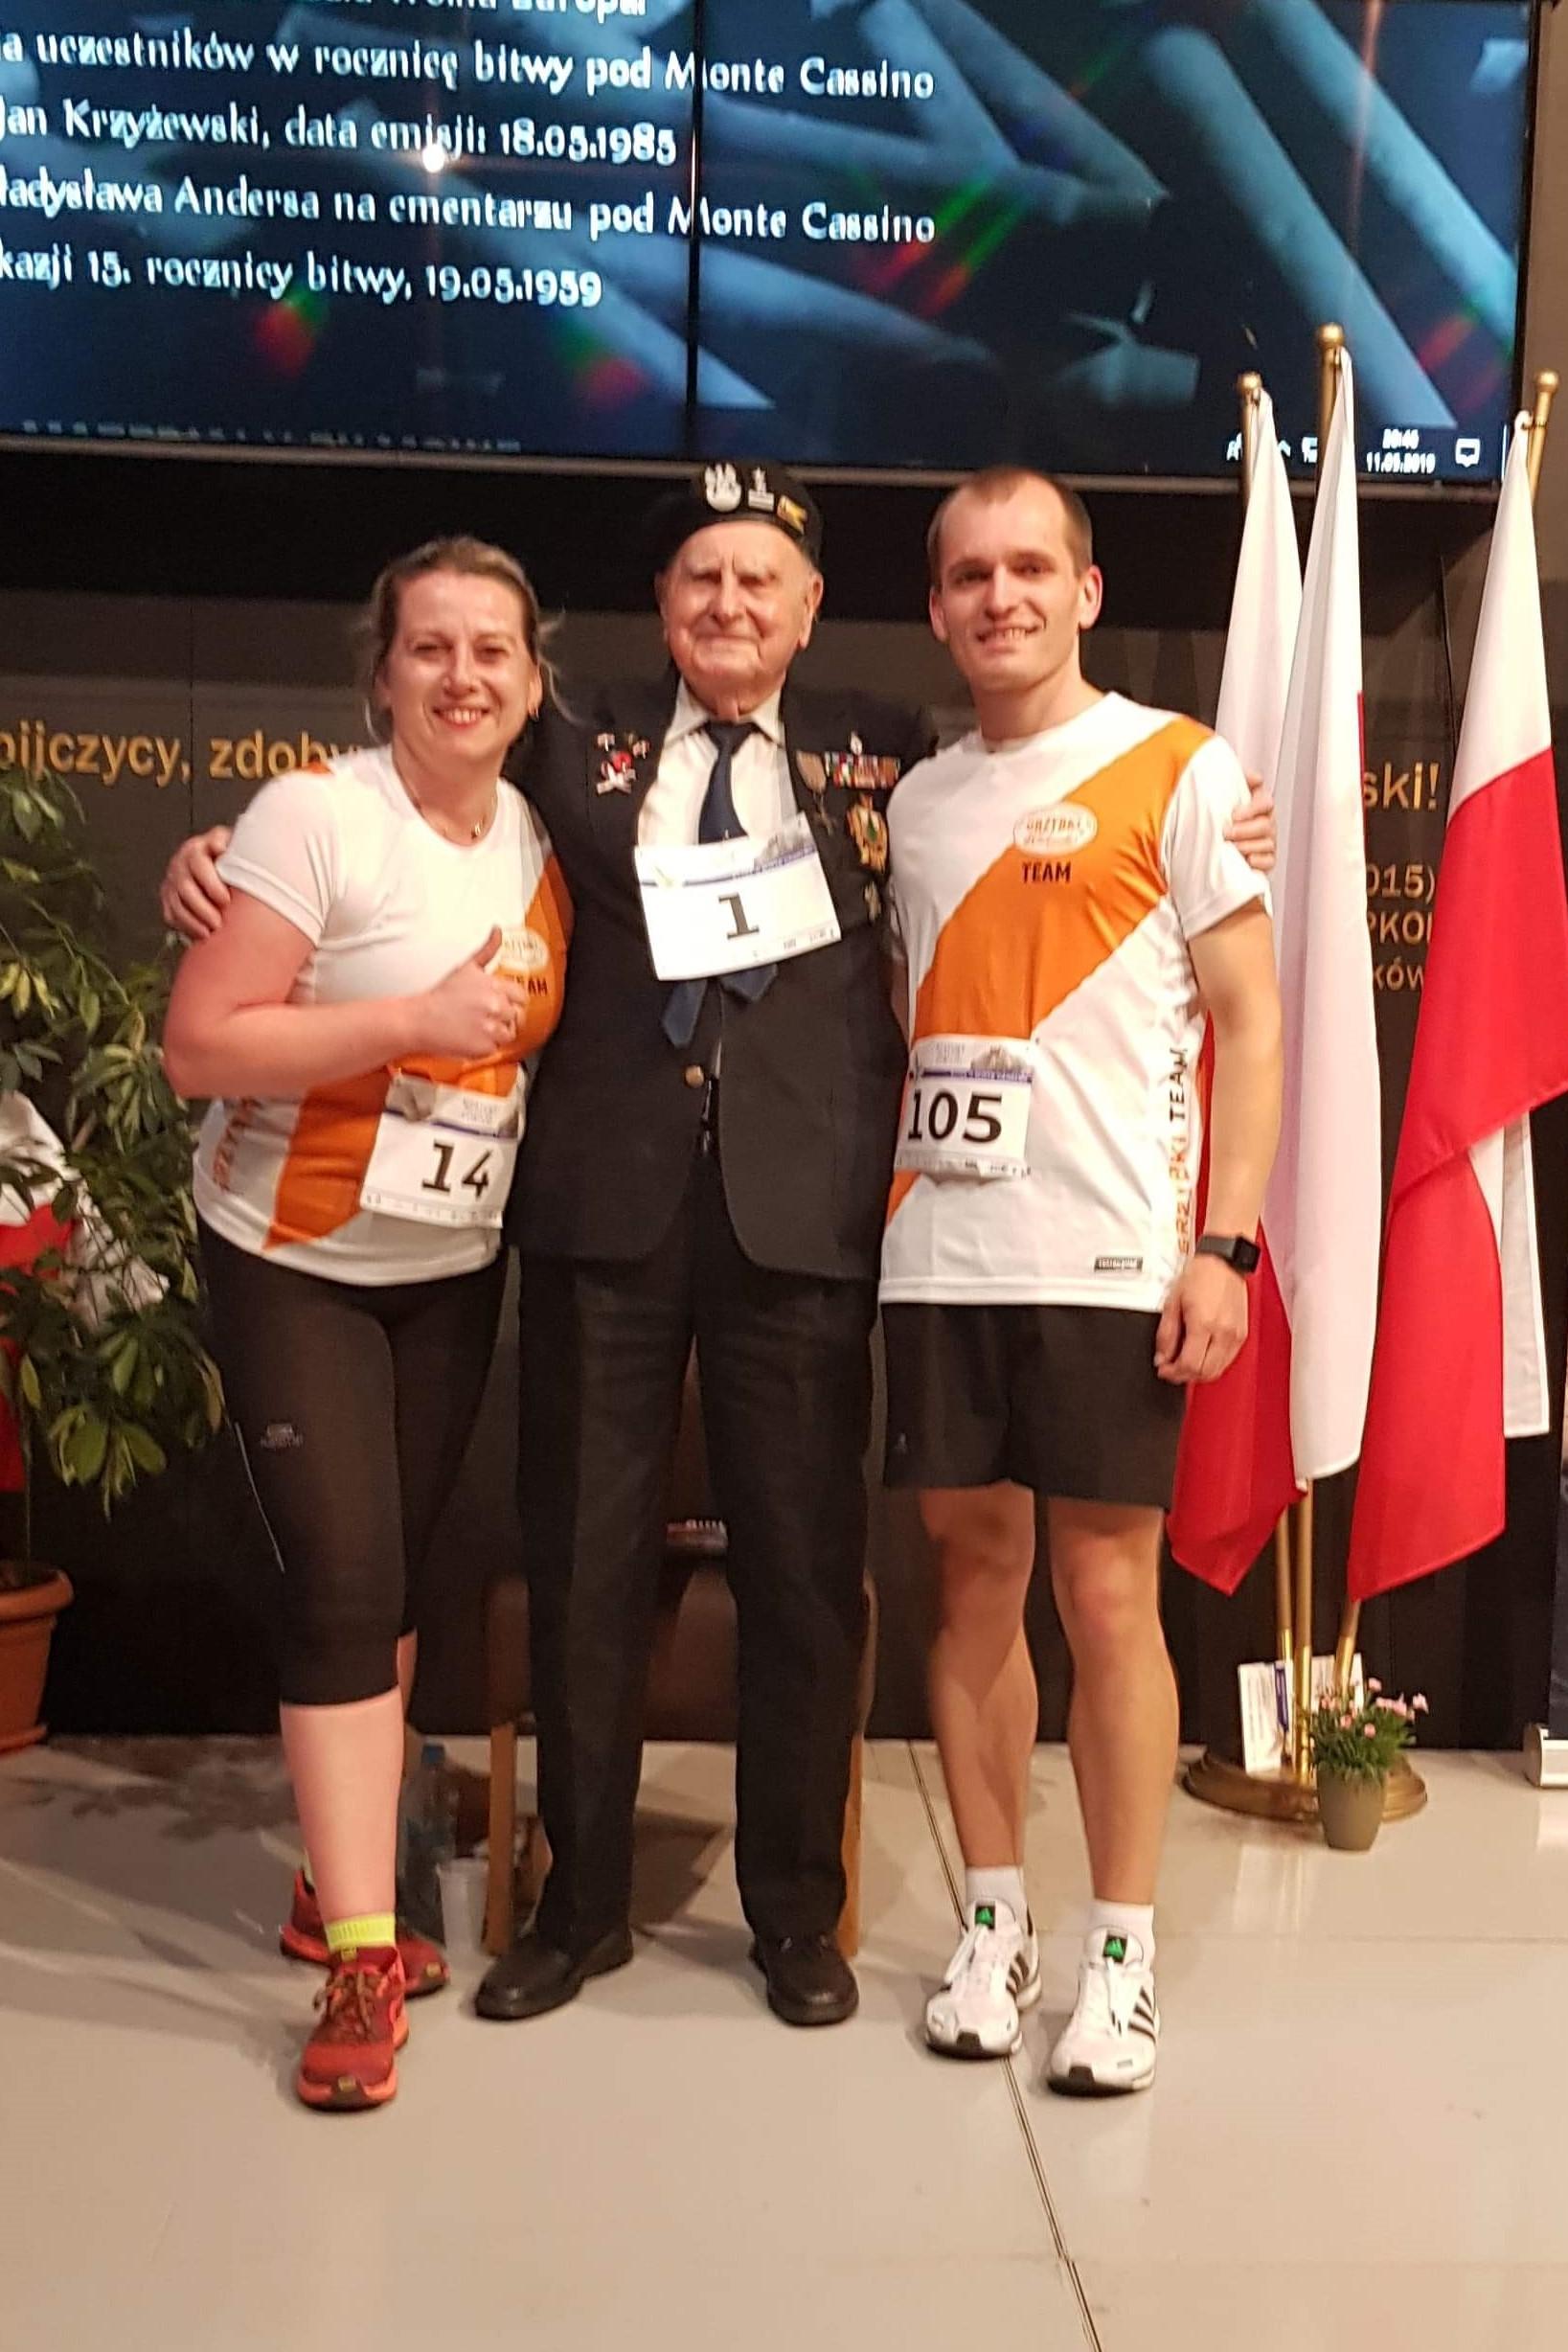 Ania i Łukasz w towarzystwie jednego z uczestników bitwy o Monte Cassino - p. Antoniego Łapińskiego   Etapowy Maraton Pokoju - Bitwa o Monte Cassino - Warszawa 11 maja 2019r.